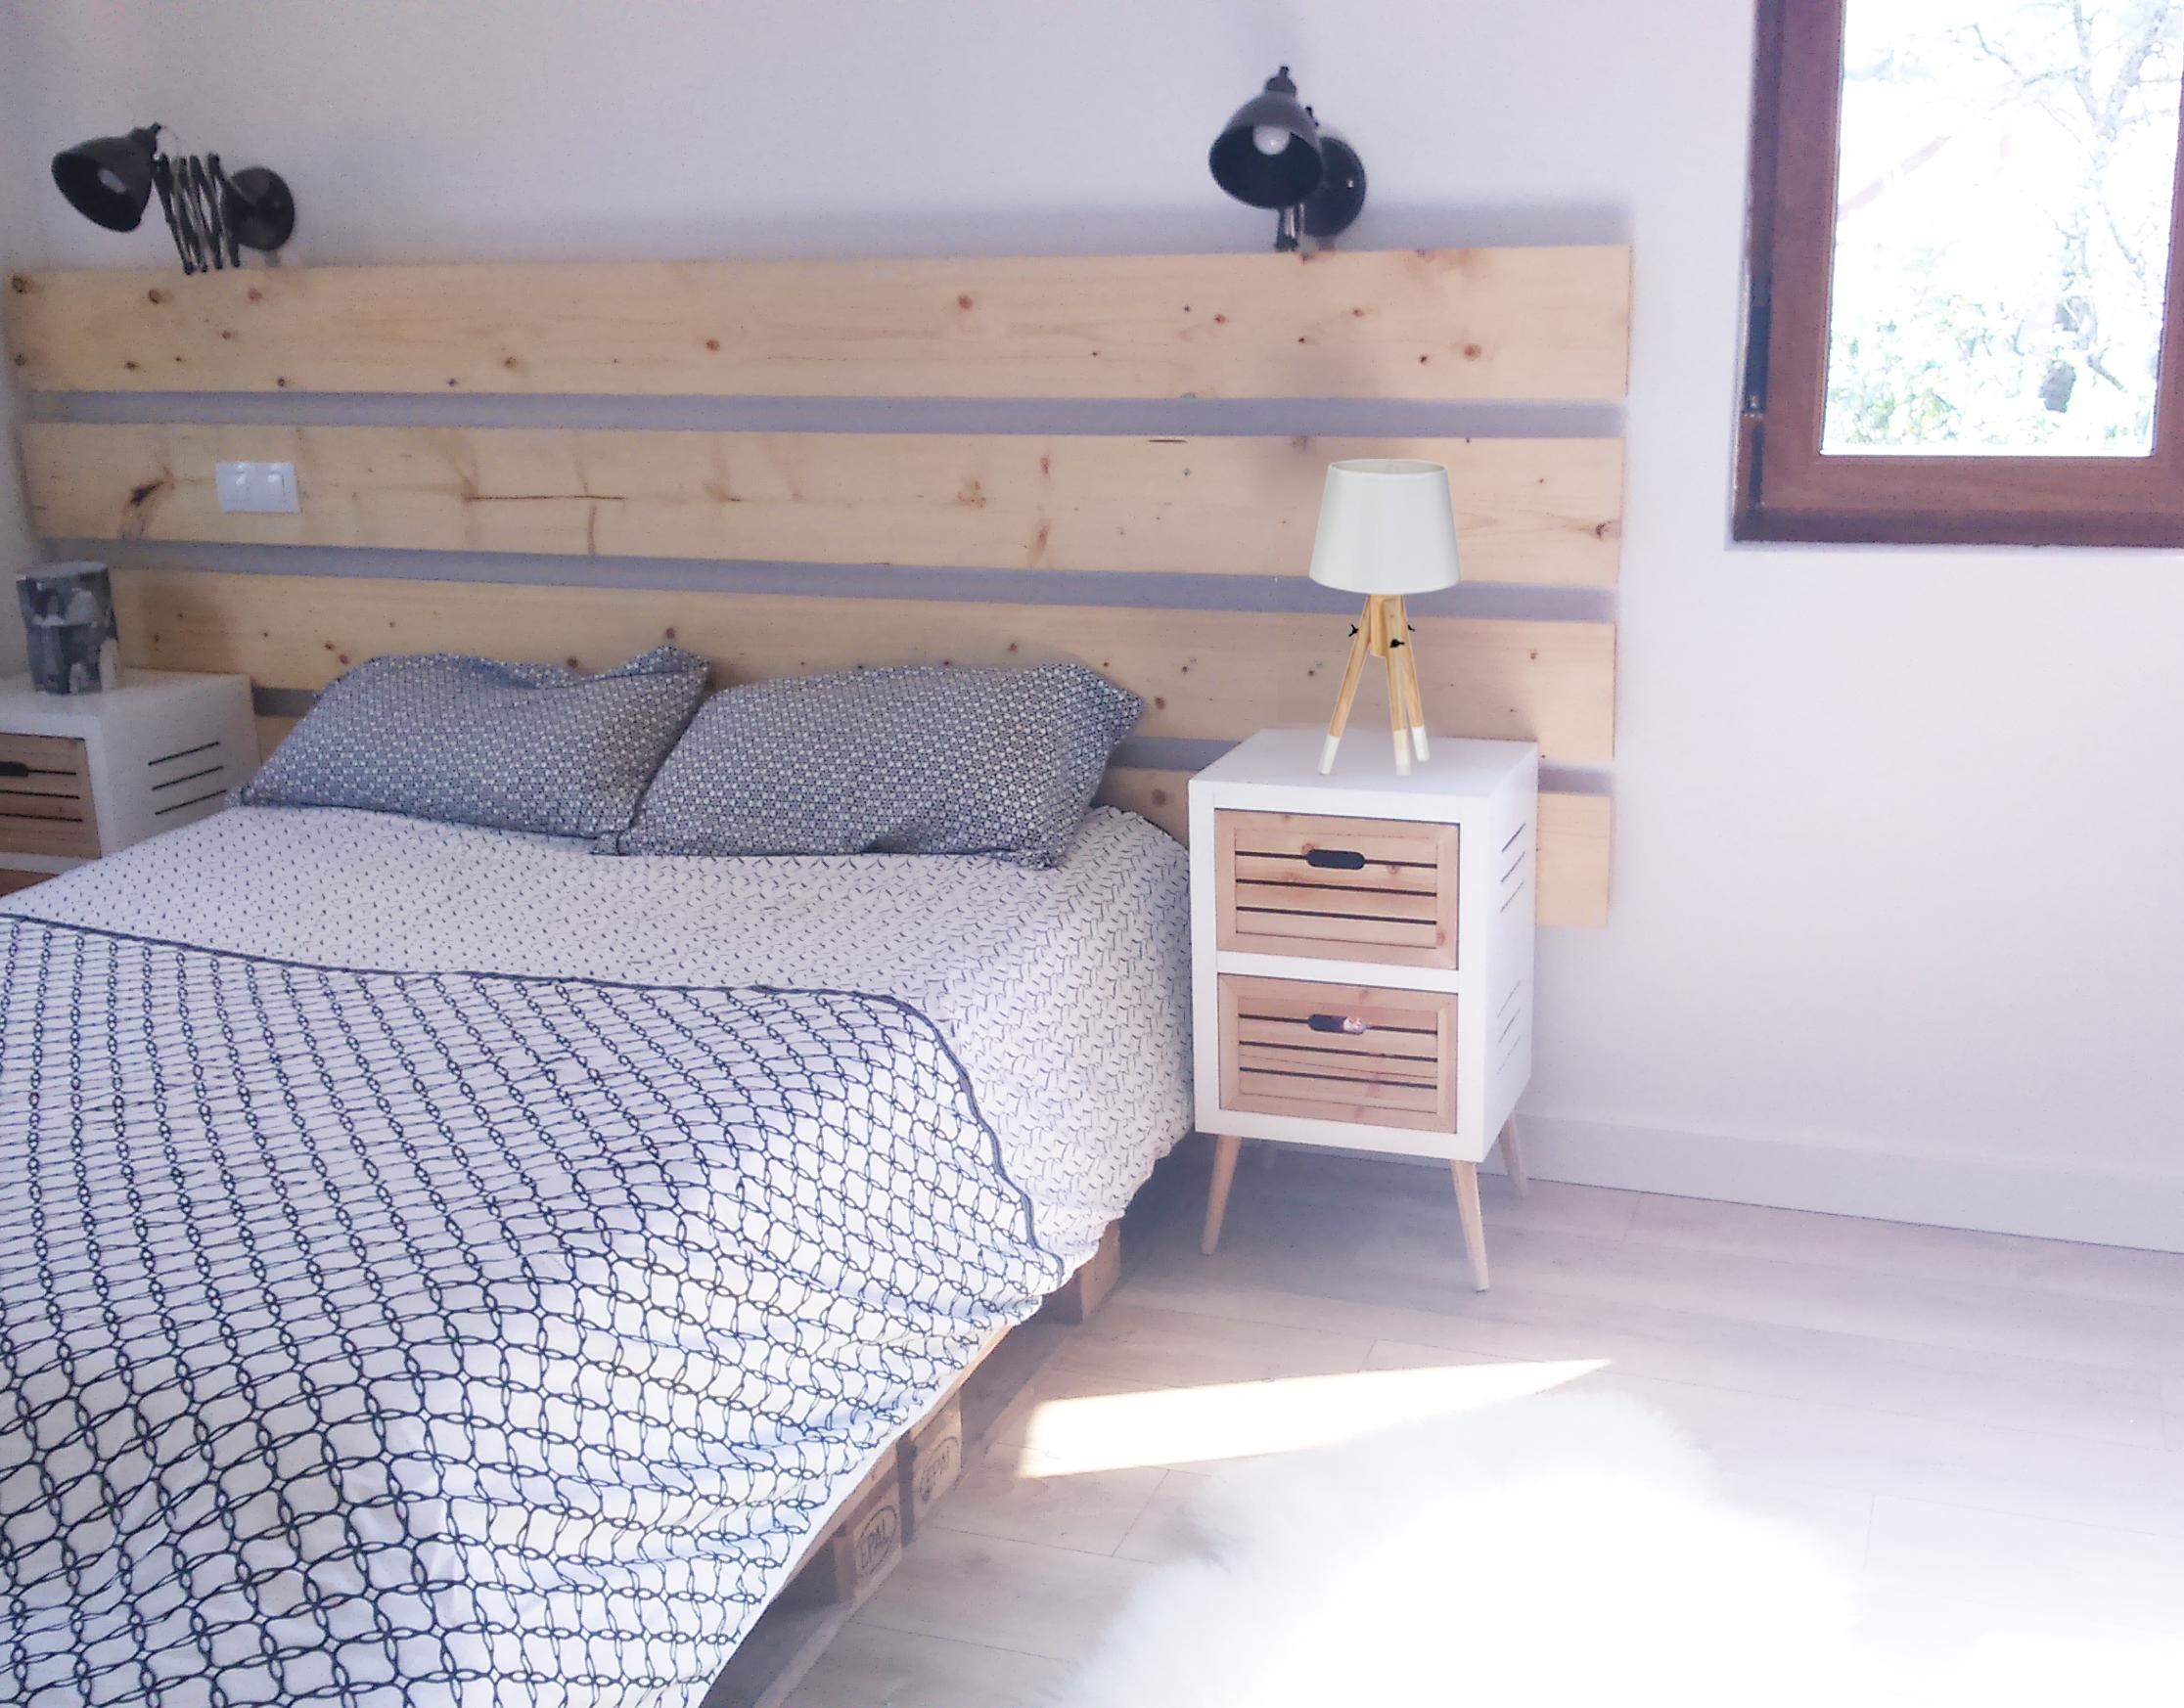 Habitacion estilo nordico best habitacion estilo nordico - Dormitorios estilo nordico ...